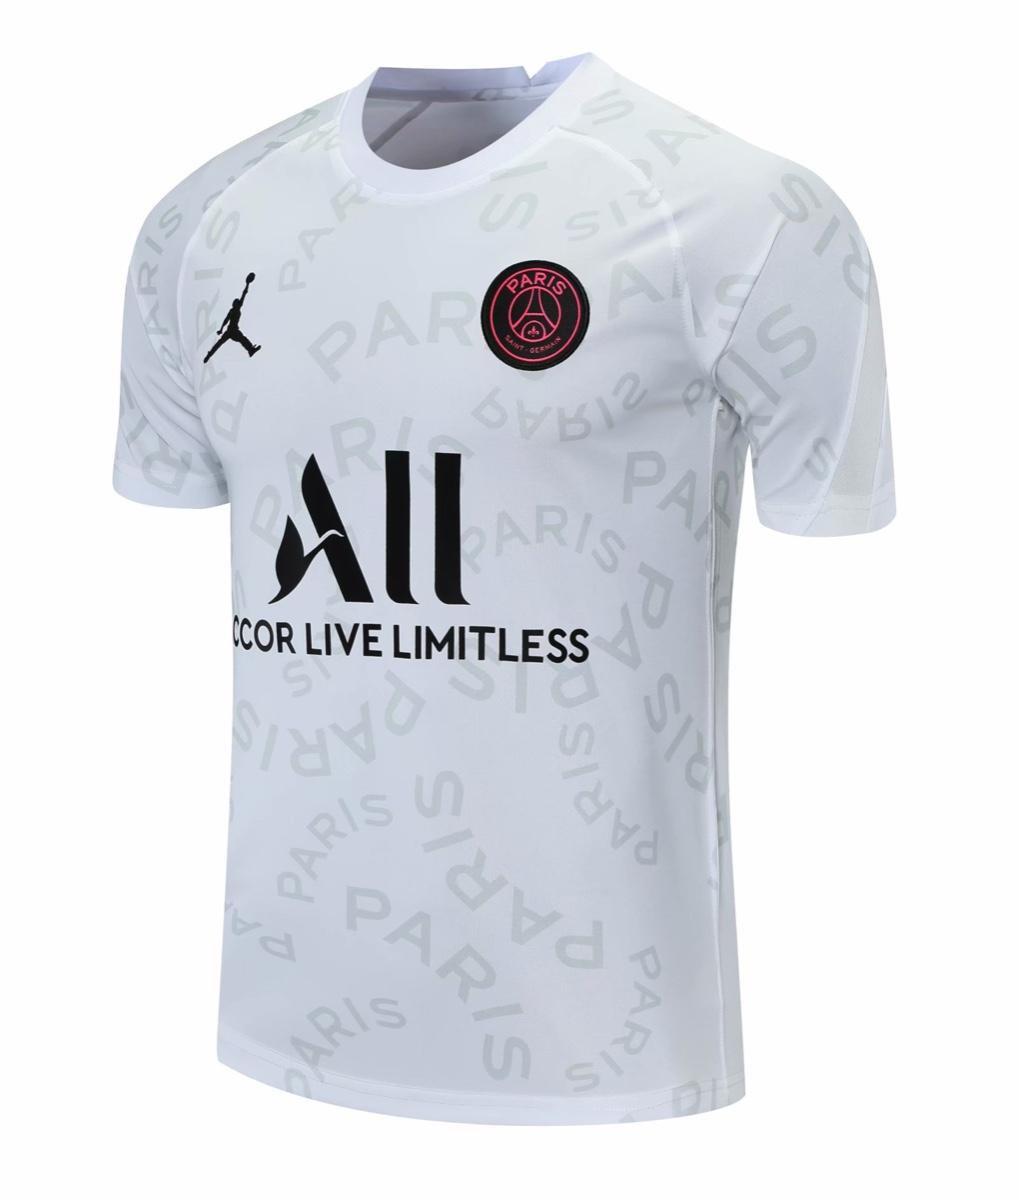 חולצת אימון פריז סן ז רמן 20 21 חולצות אימון קצרות